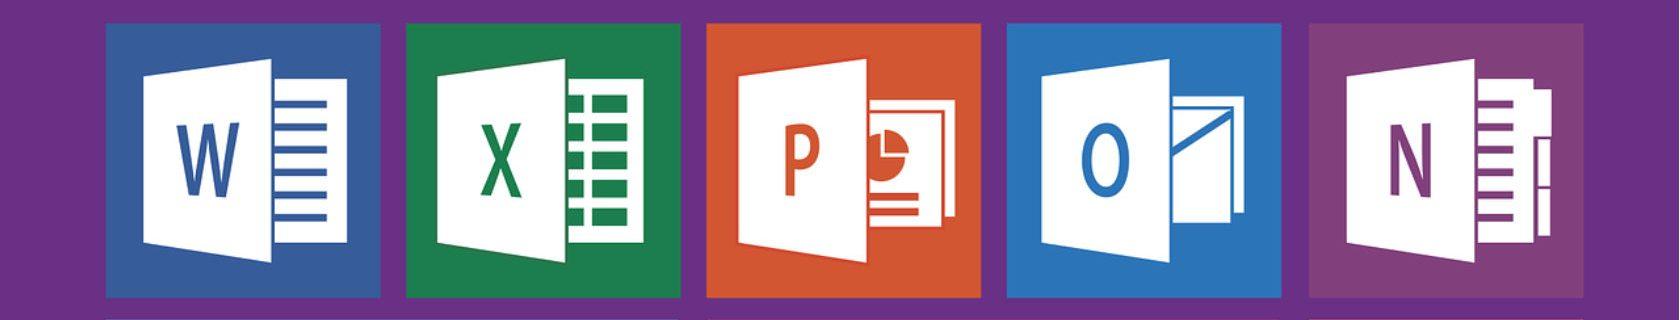 Inhaltsverzeichnis erstellen mit Microsoft Word